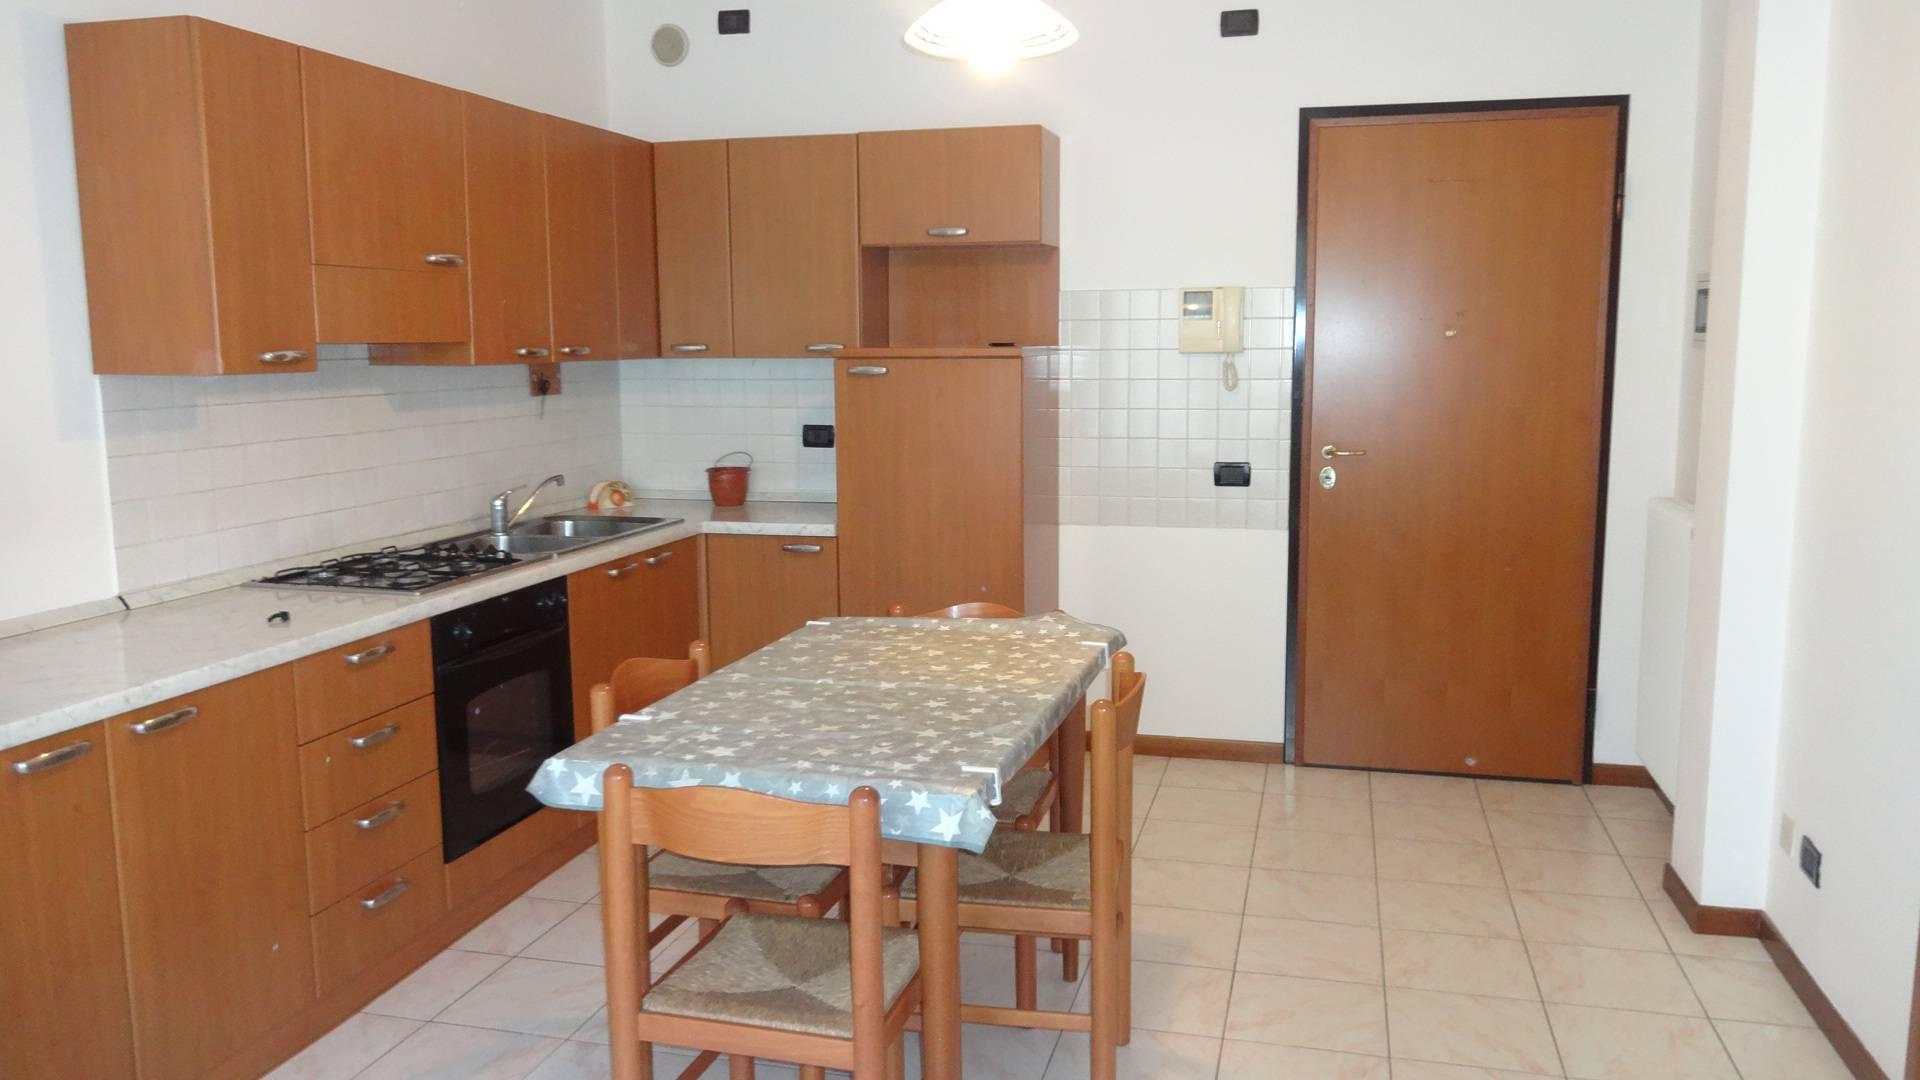 Appartamento in affitto a Montebelluna, 2 locali, zona Località: LaPieve, prezzo € 370 | Cambio Casa.it